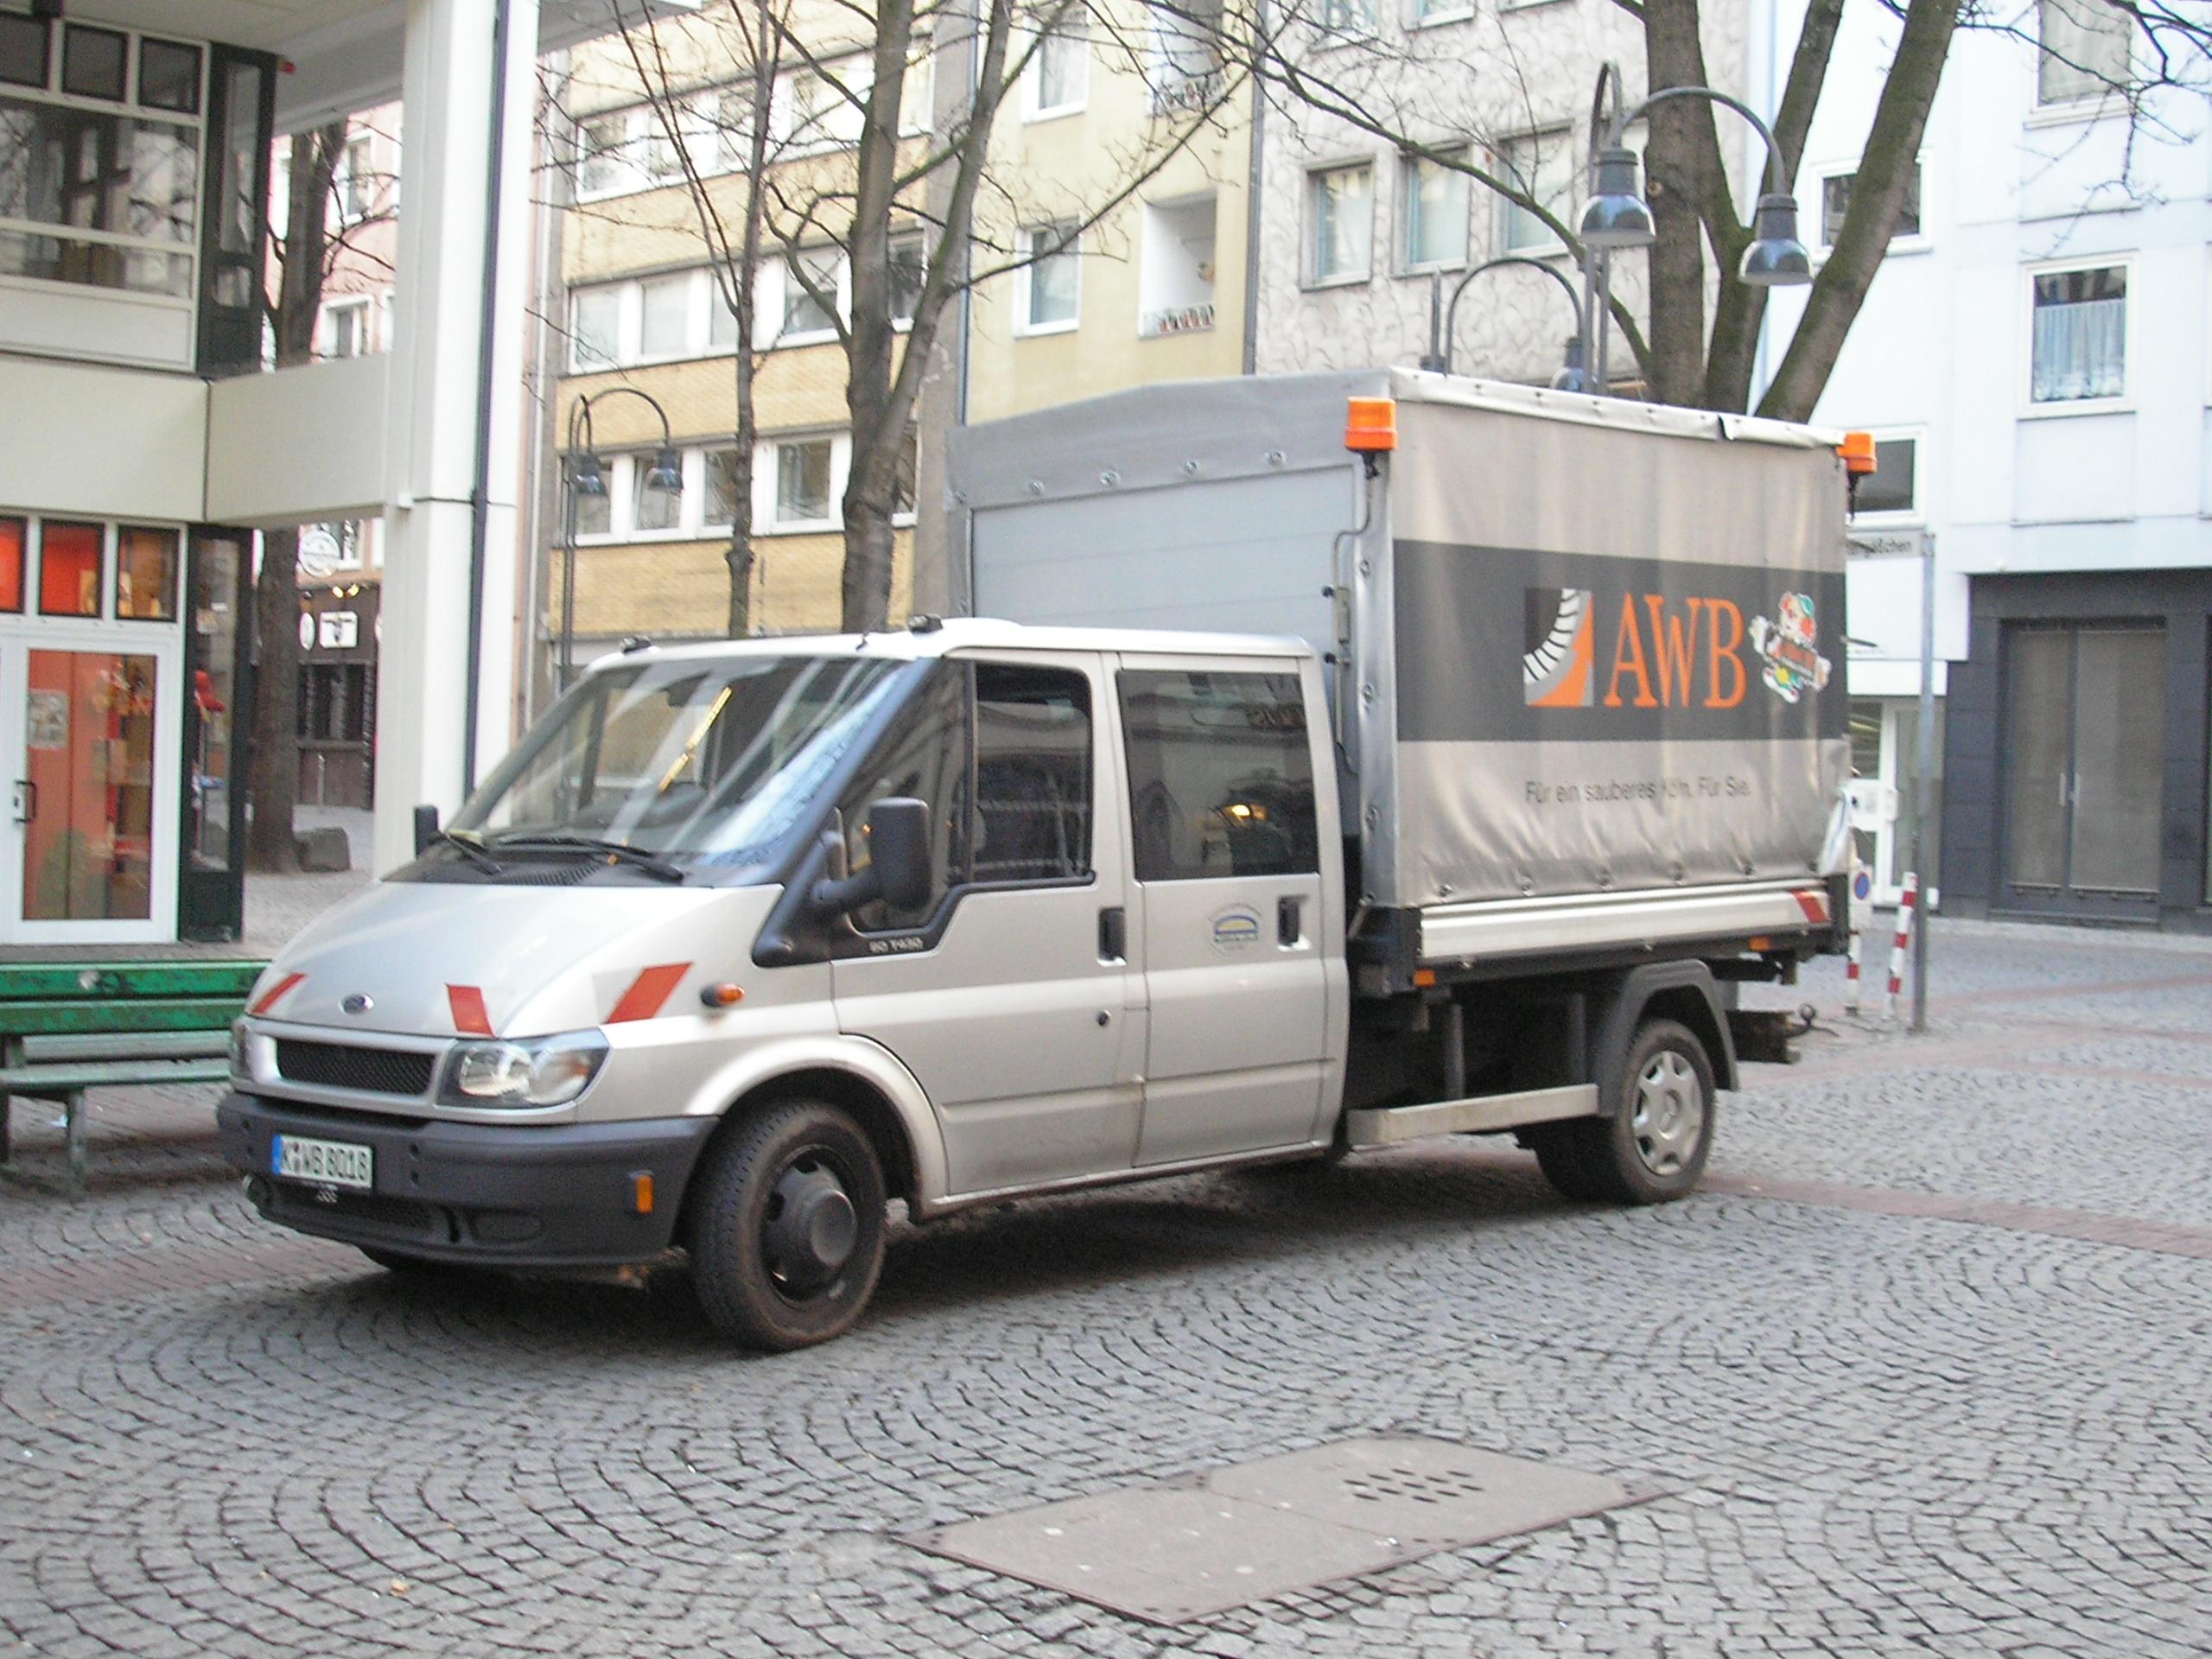 Awb-Köln